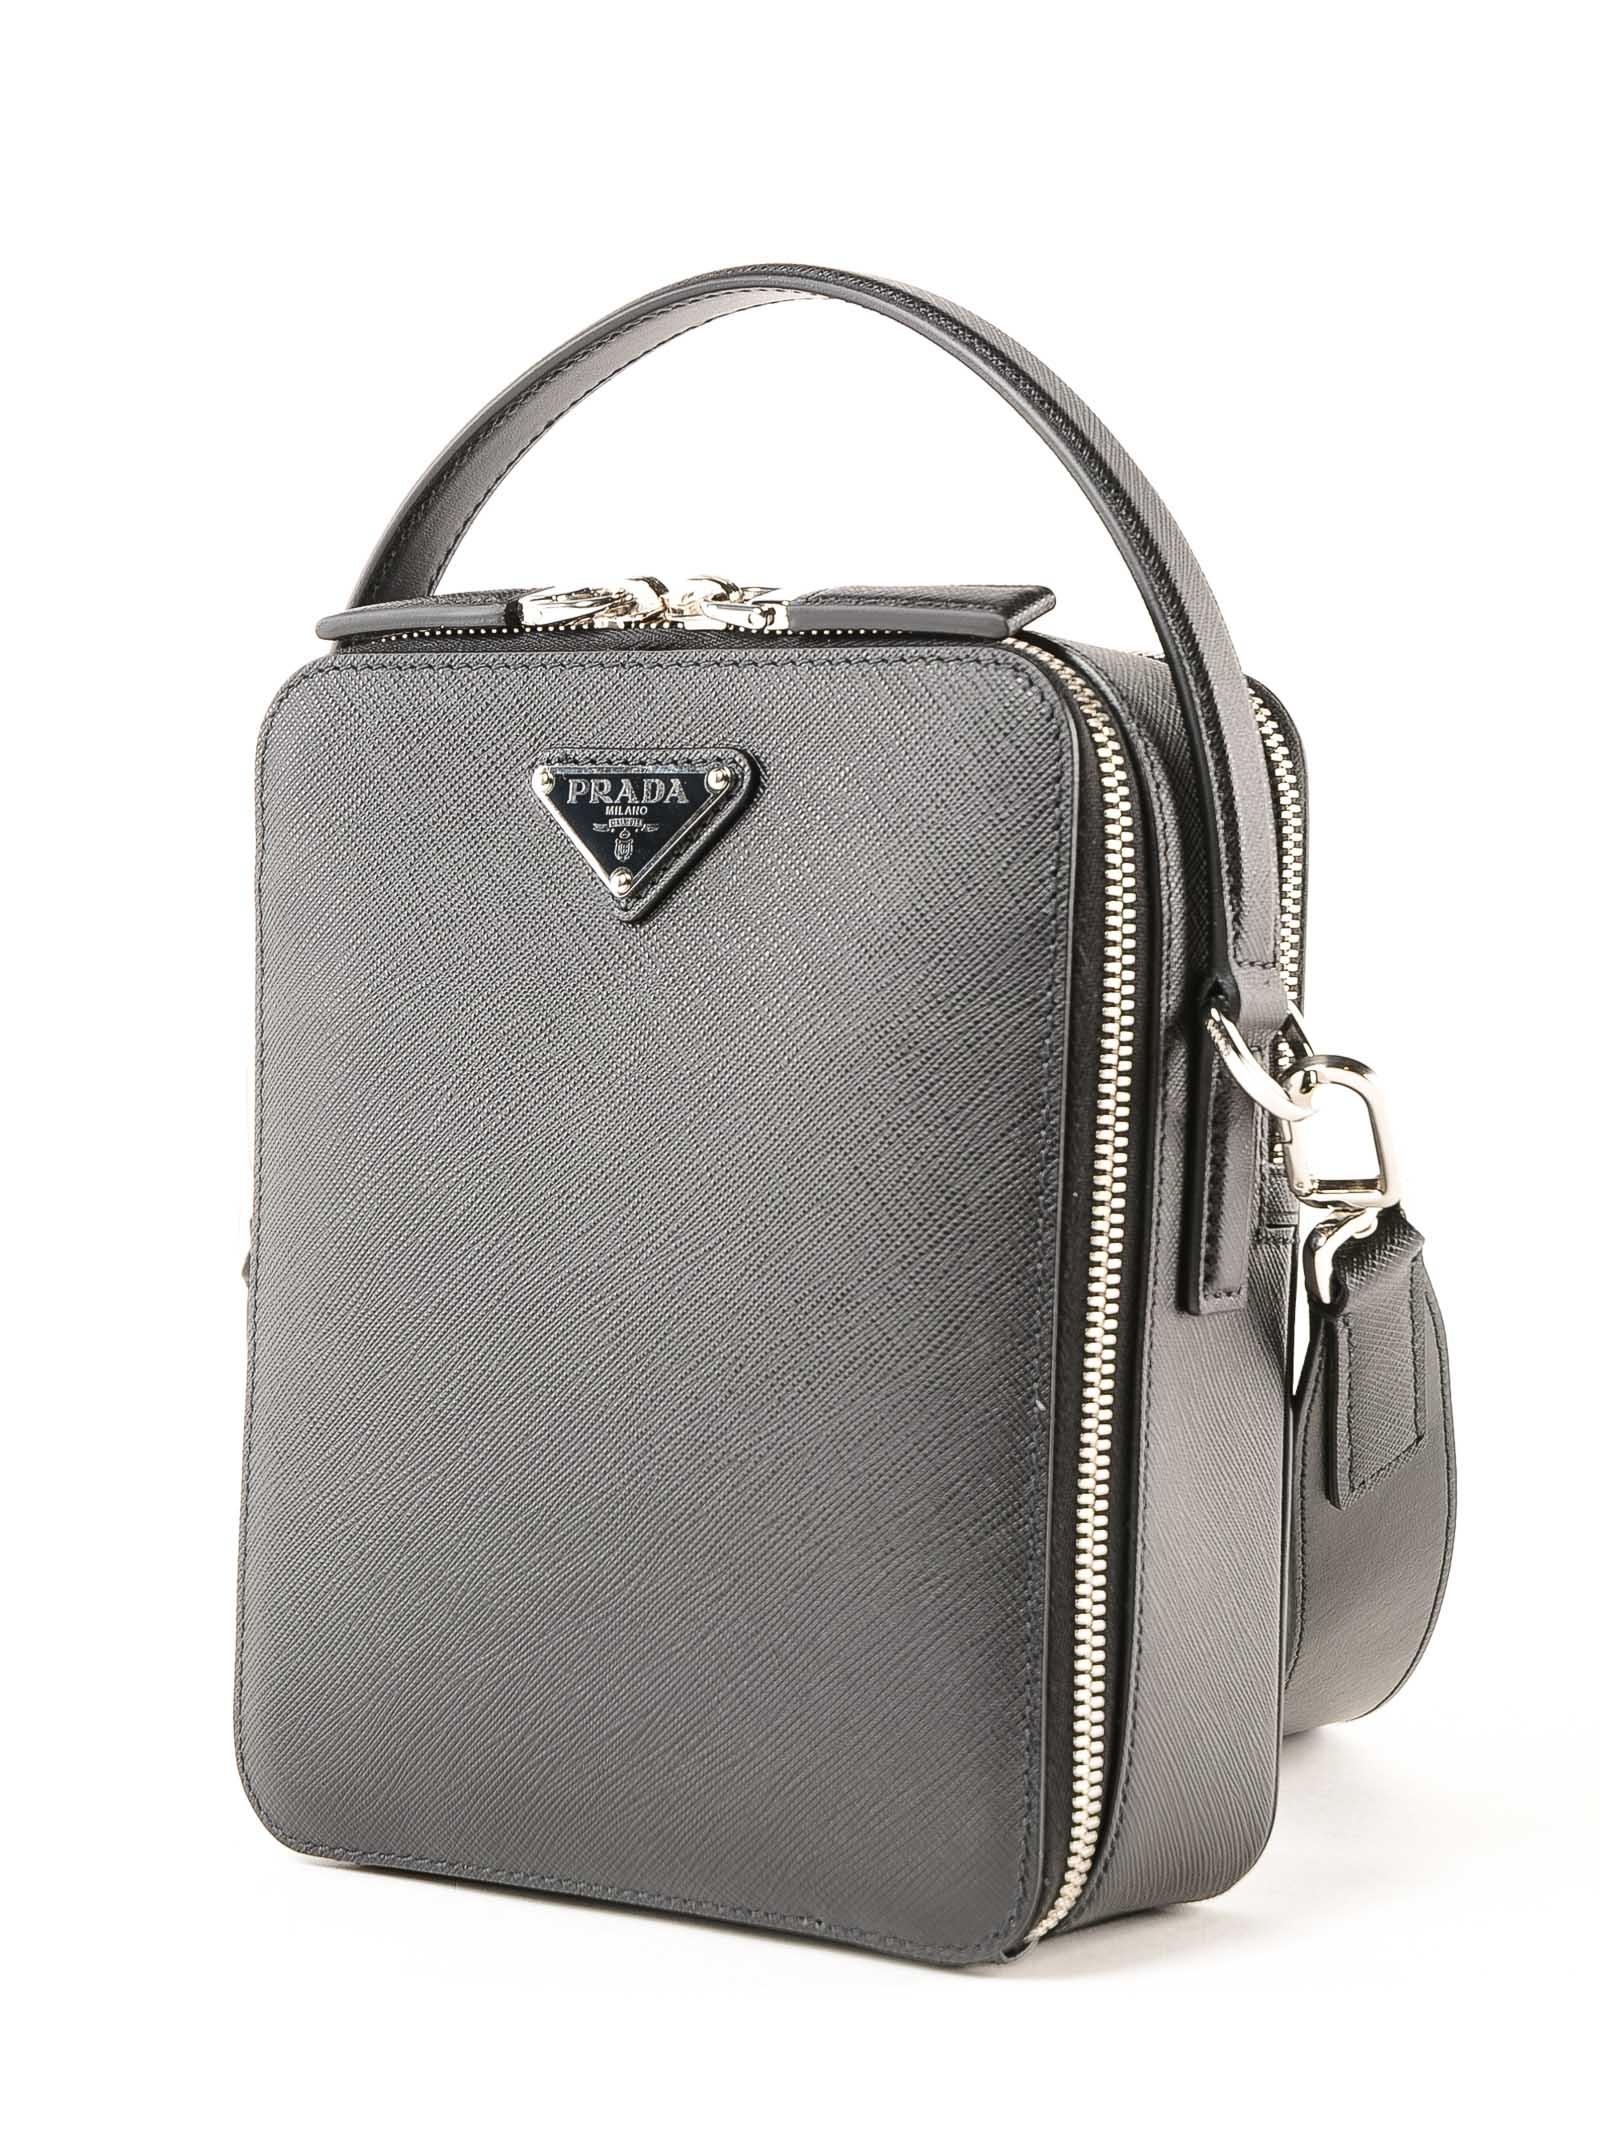 5278002e05e557 Prada Prada Prada Travel Shoulder Bag - Nero - 10783477 | italist